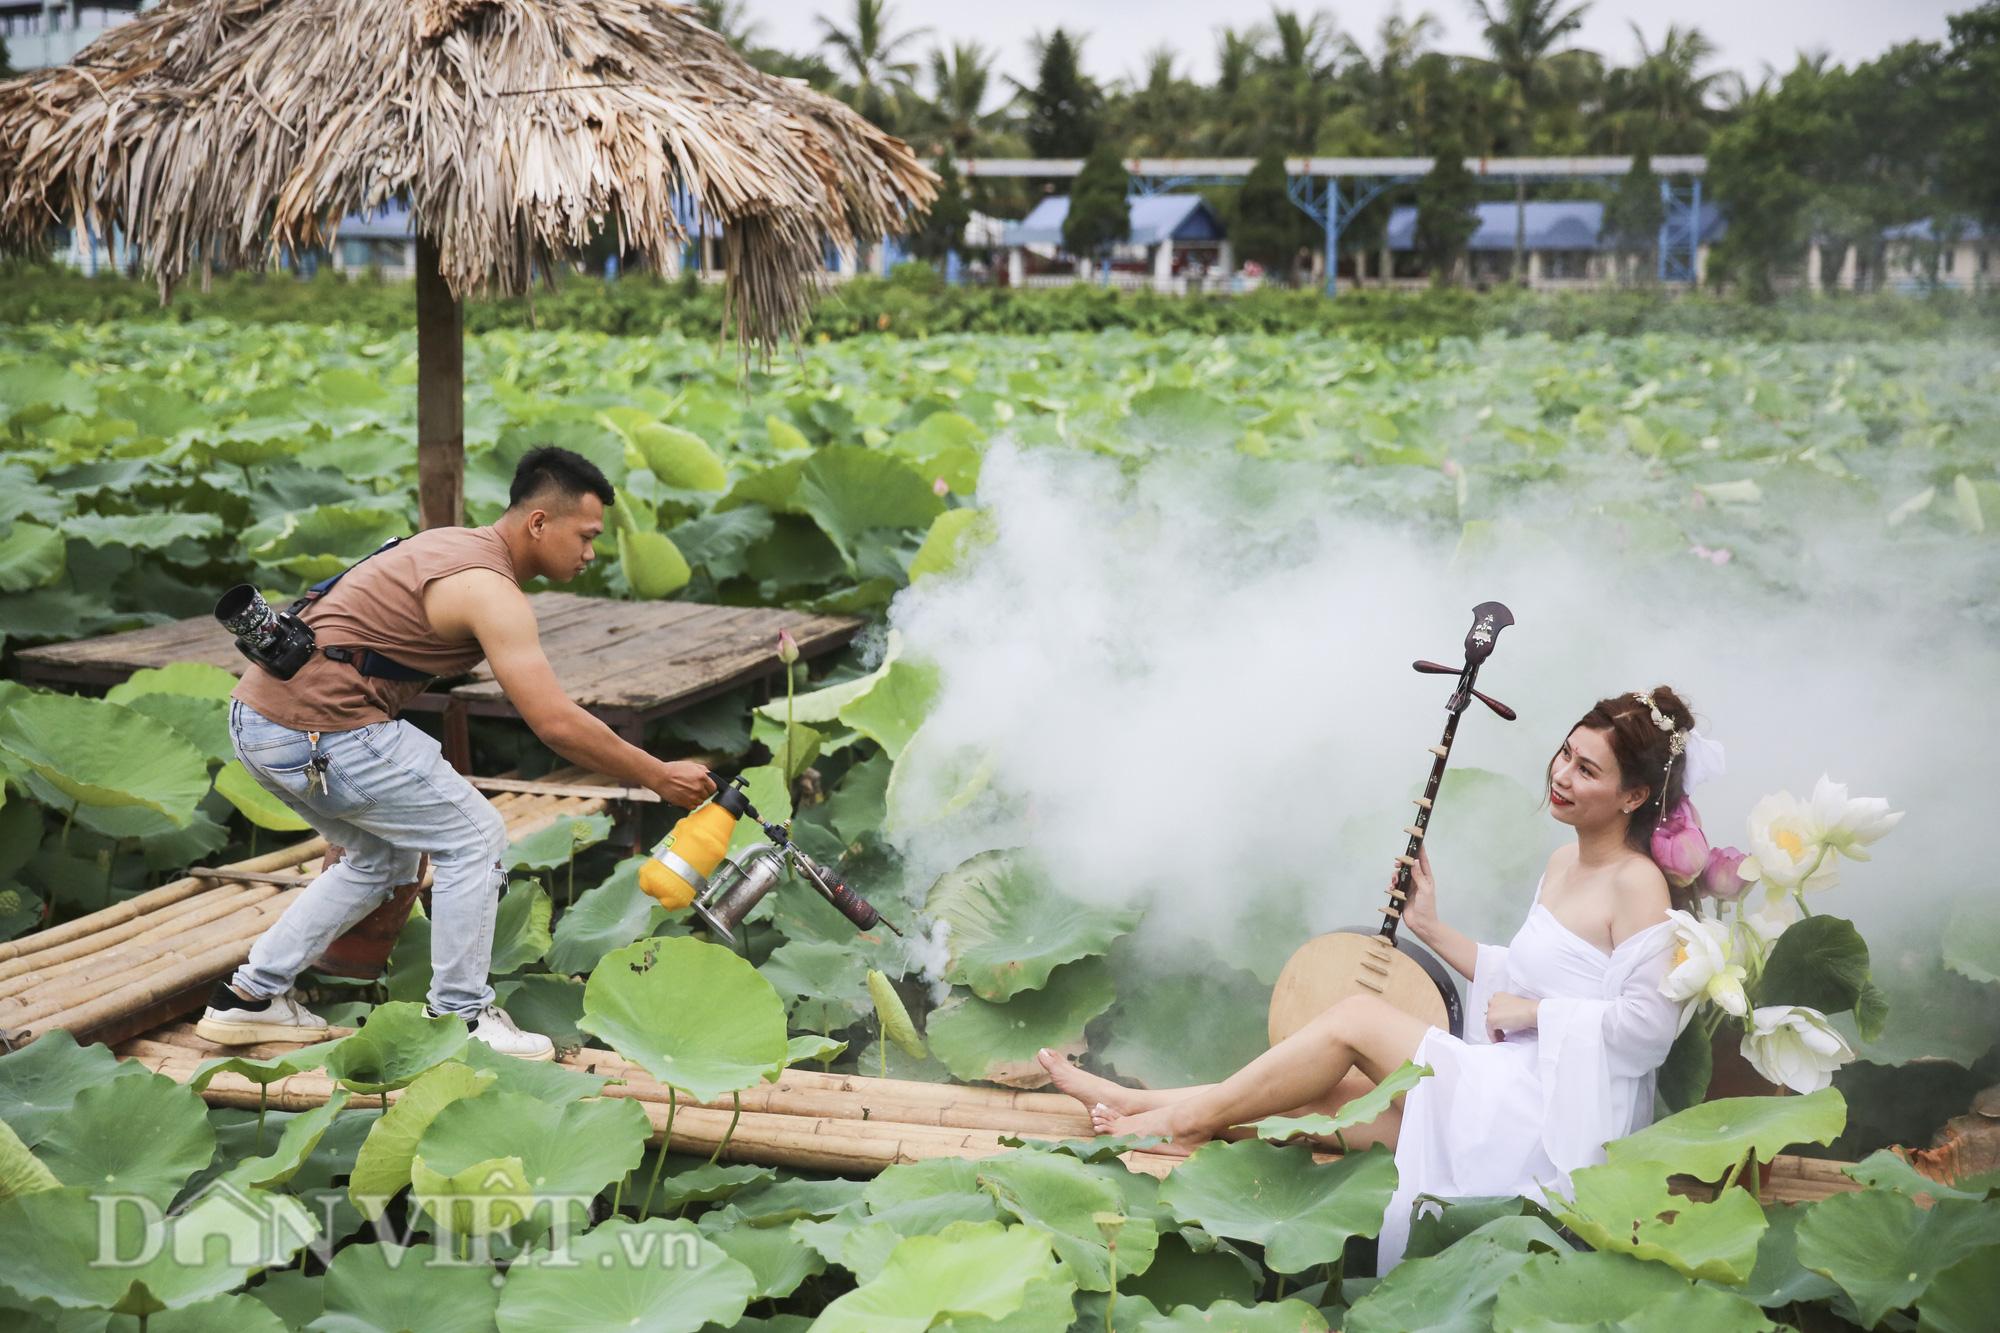 """Sen Hồ Tây bung nở, người dân Hà Thành đổ xô tới """"khoe sắc"""" - Ảnh 10."""